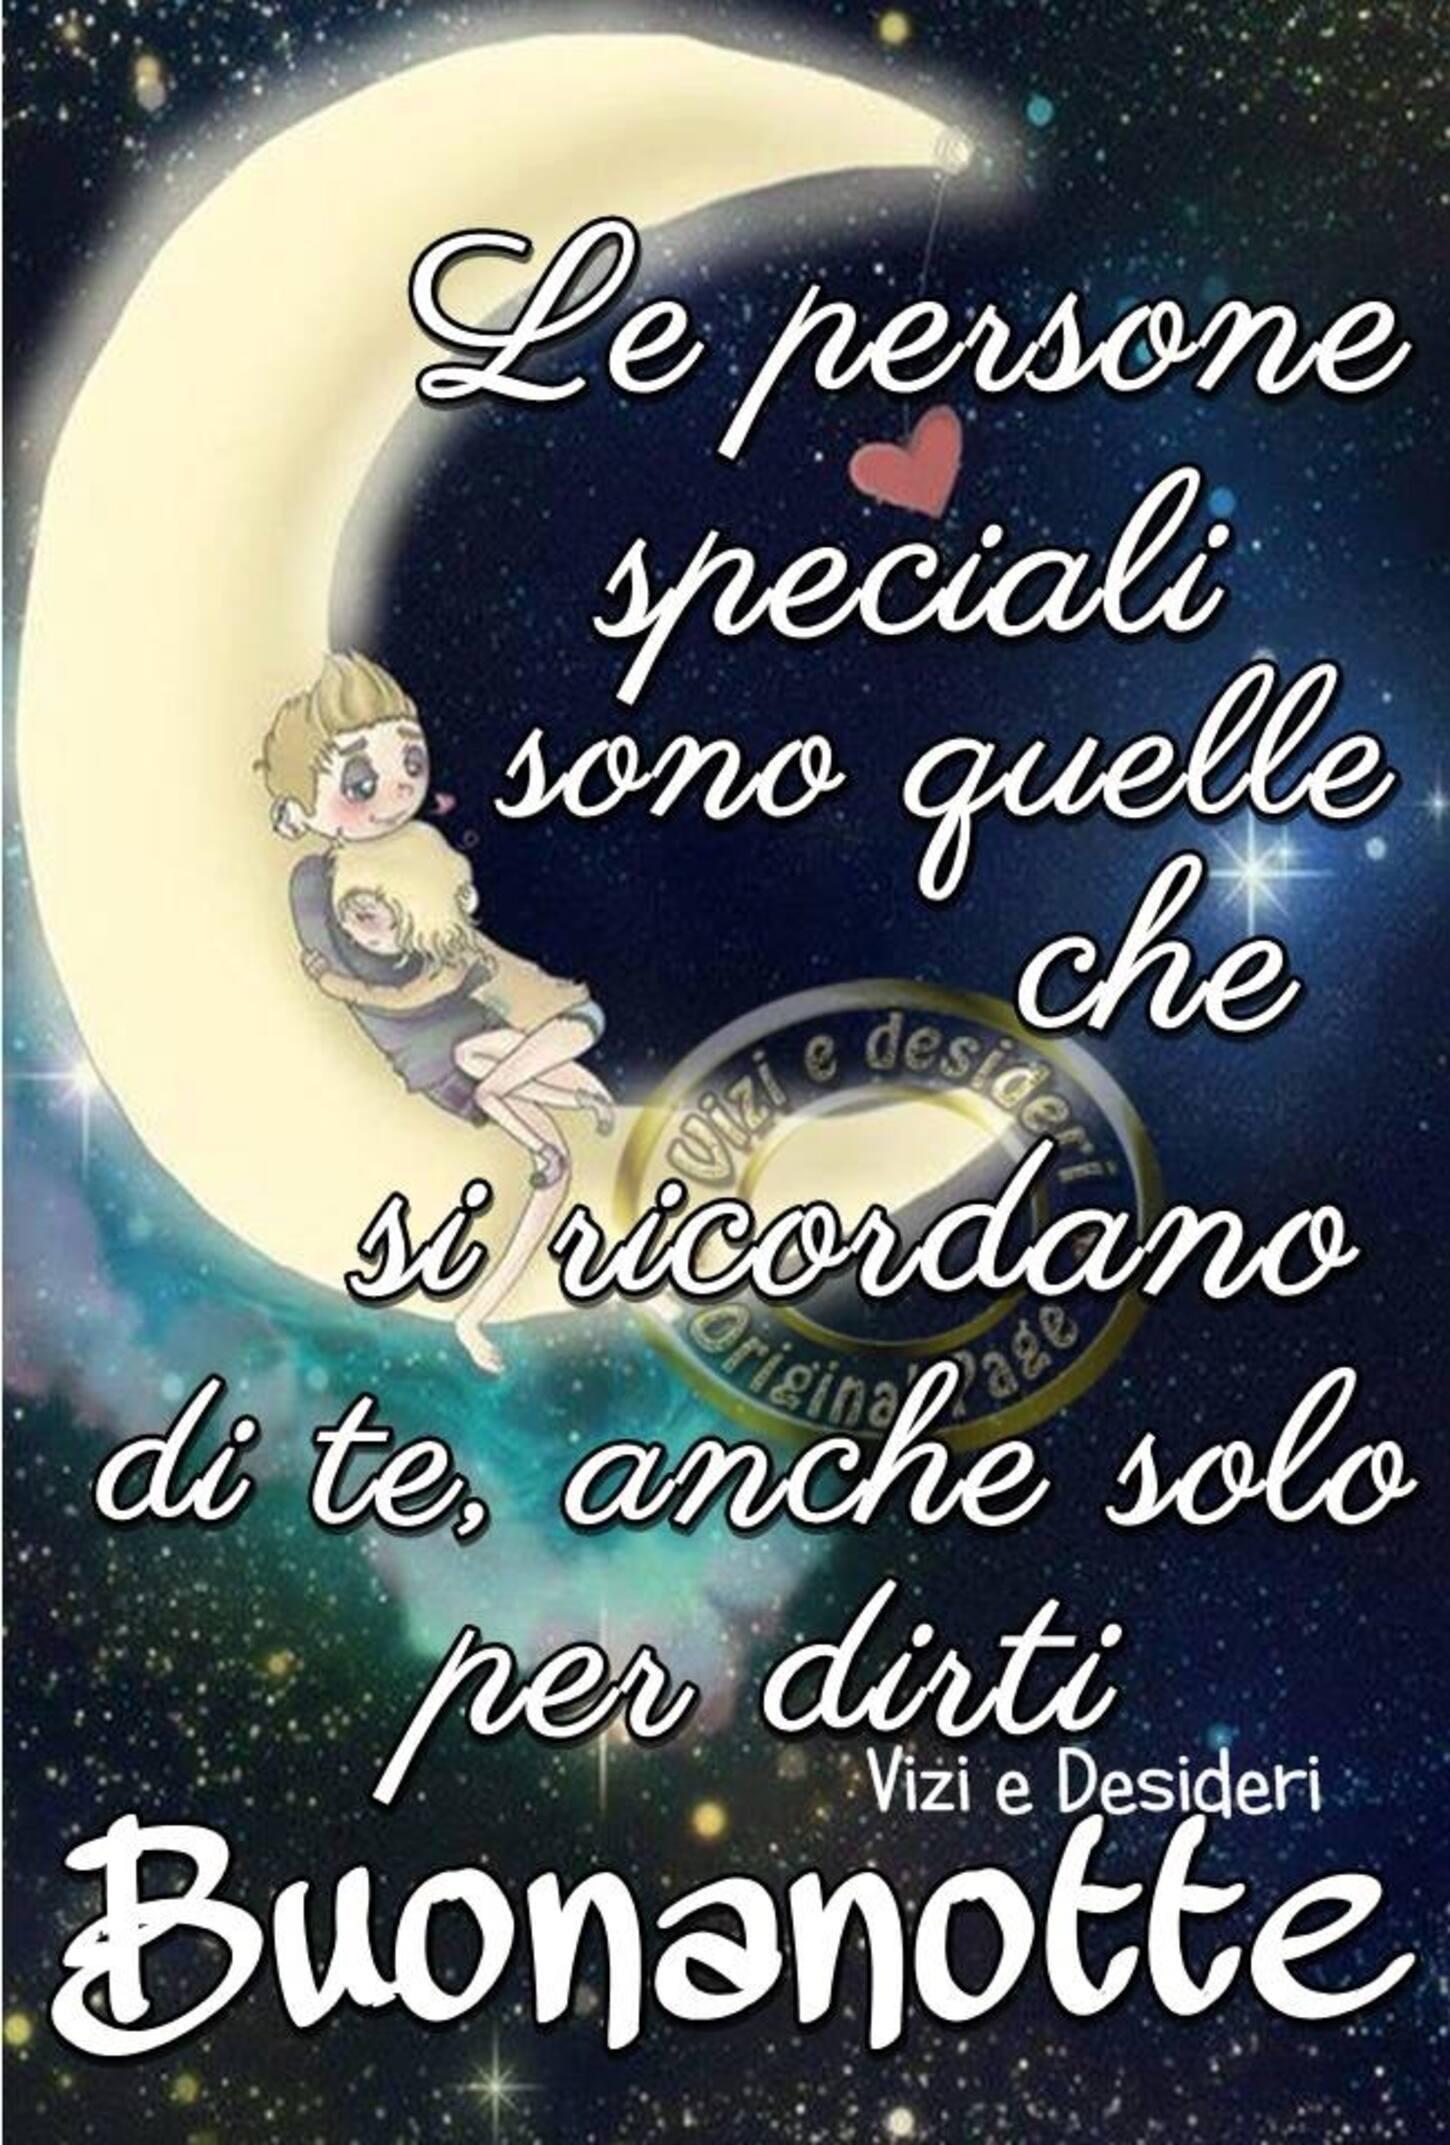 Le persone speciali sono quelle che si ricordano di te, anche solo per dirti Buonanotte